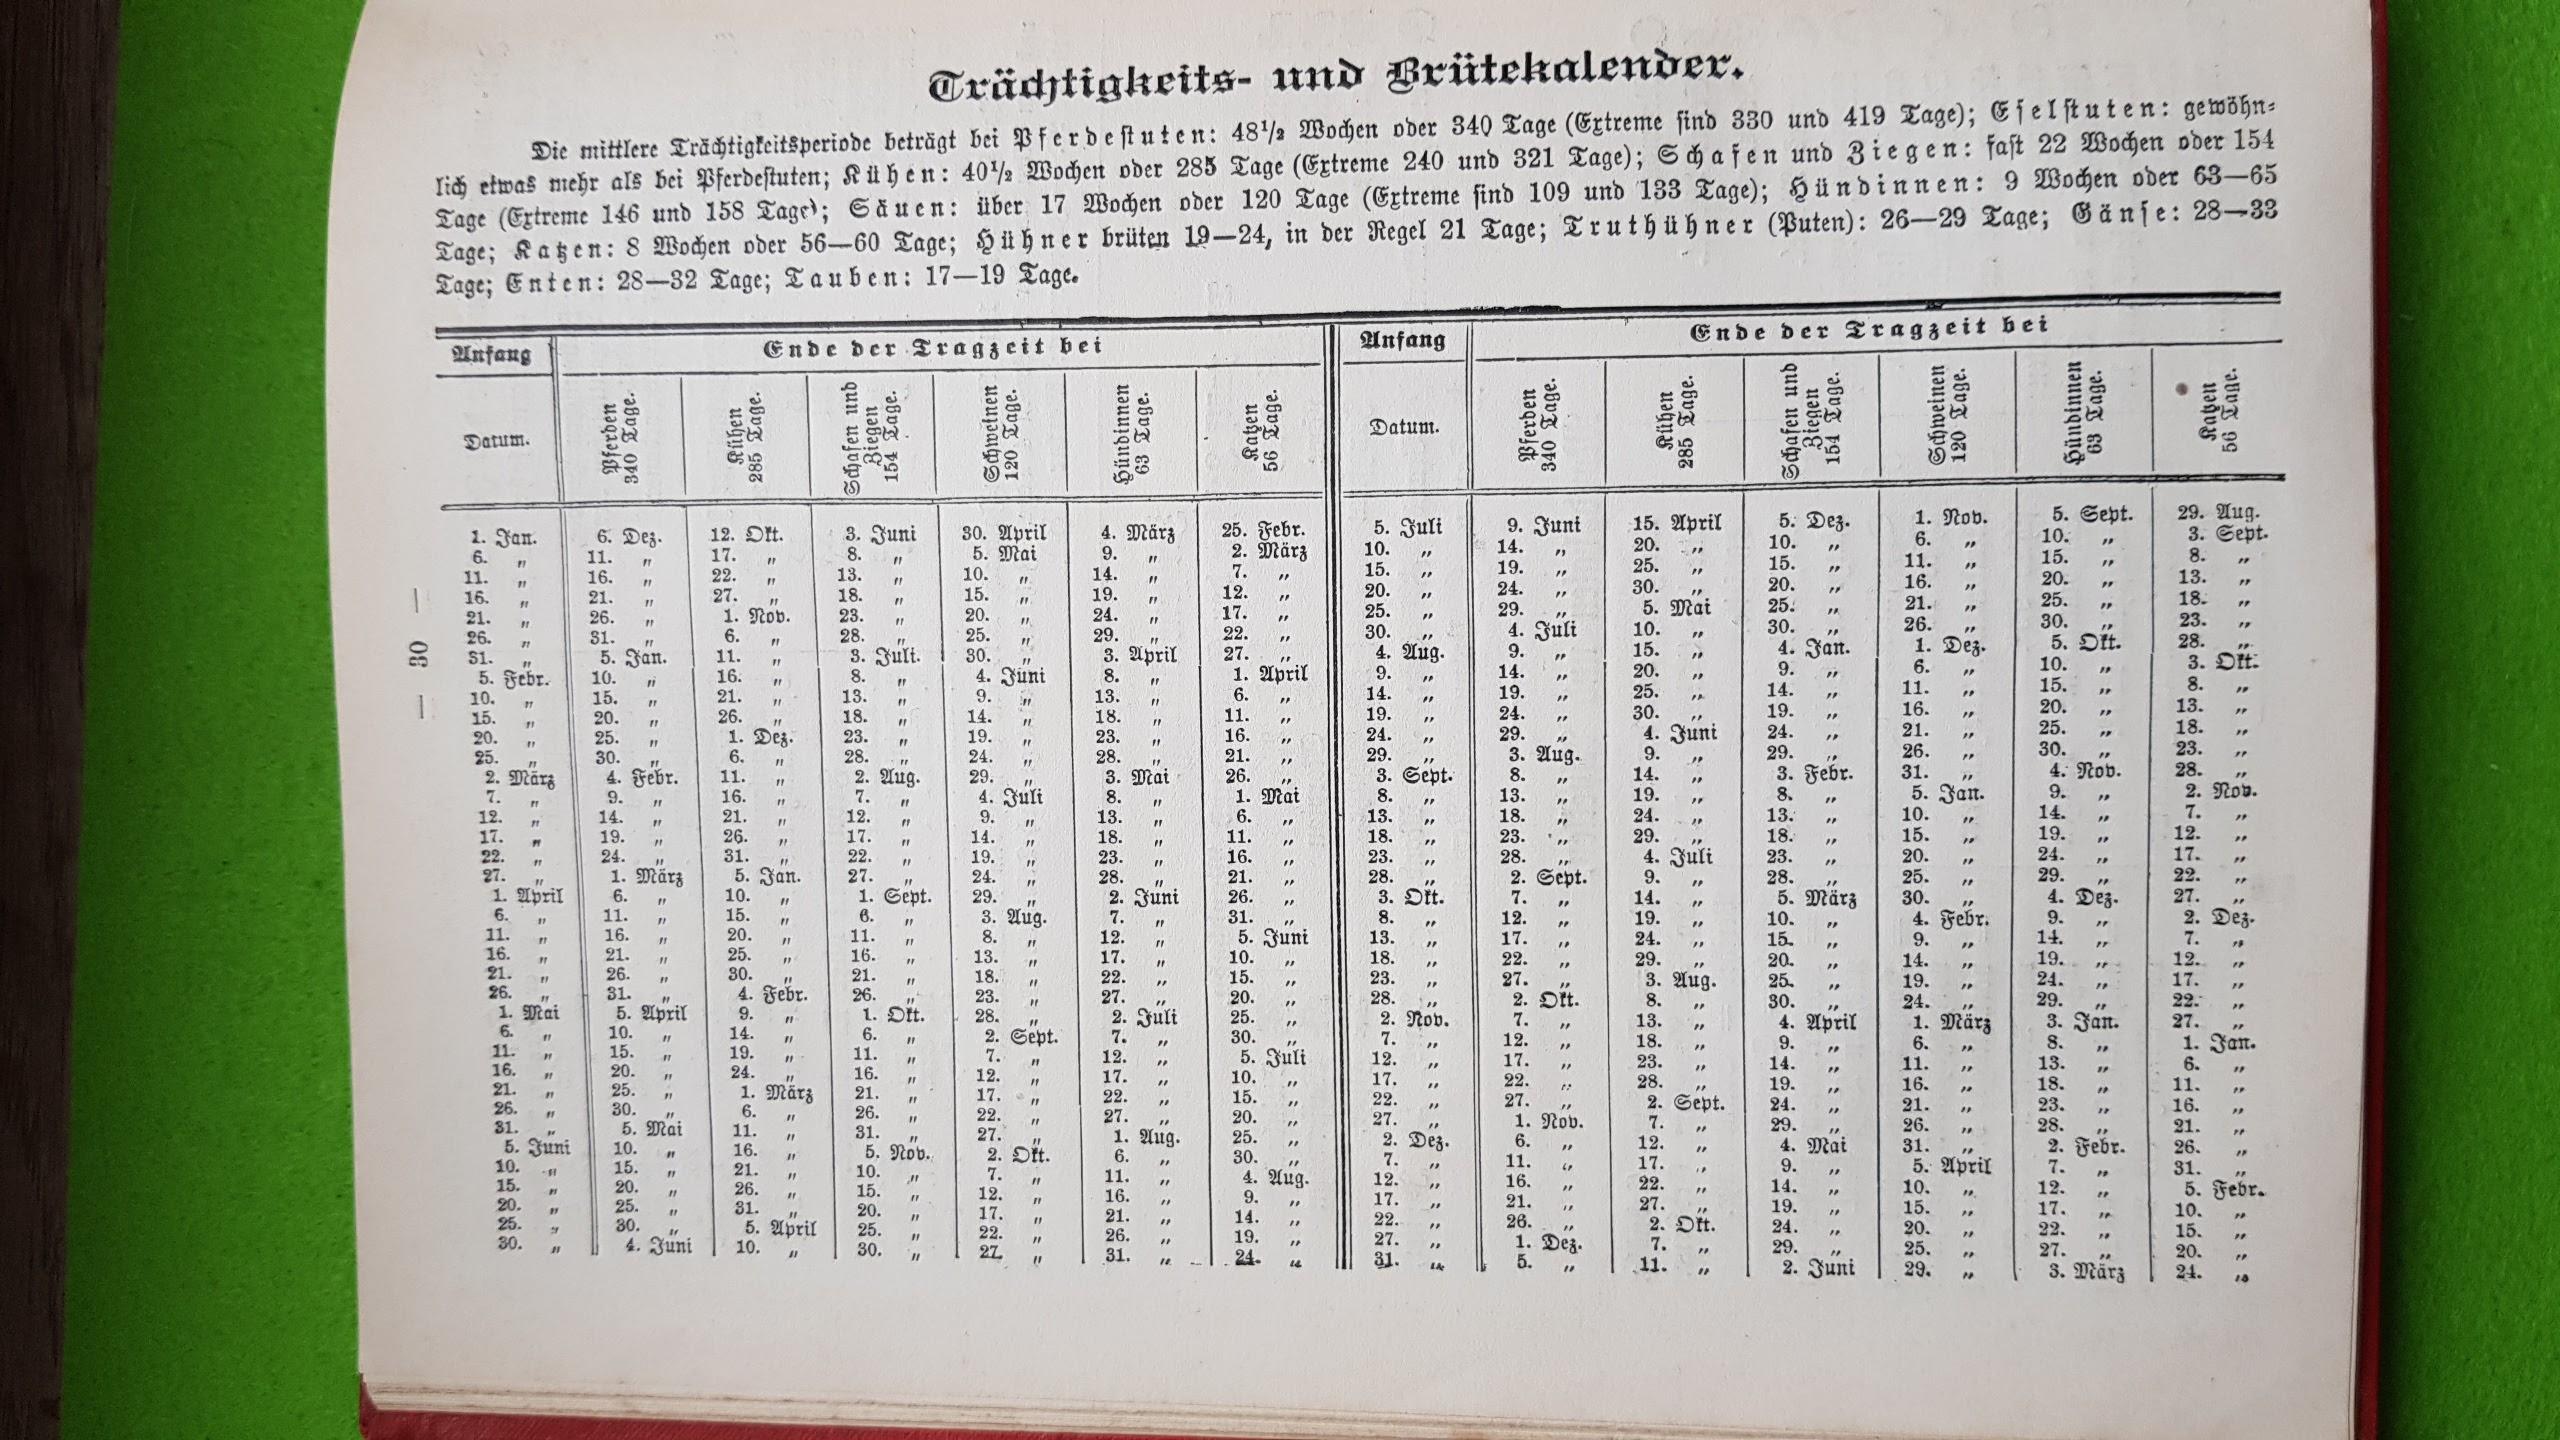 Großer Volkskalender des Lahrer hinkenden Boten - 1914 - Trächtigkeits- und Brütekalender